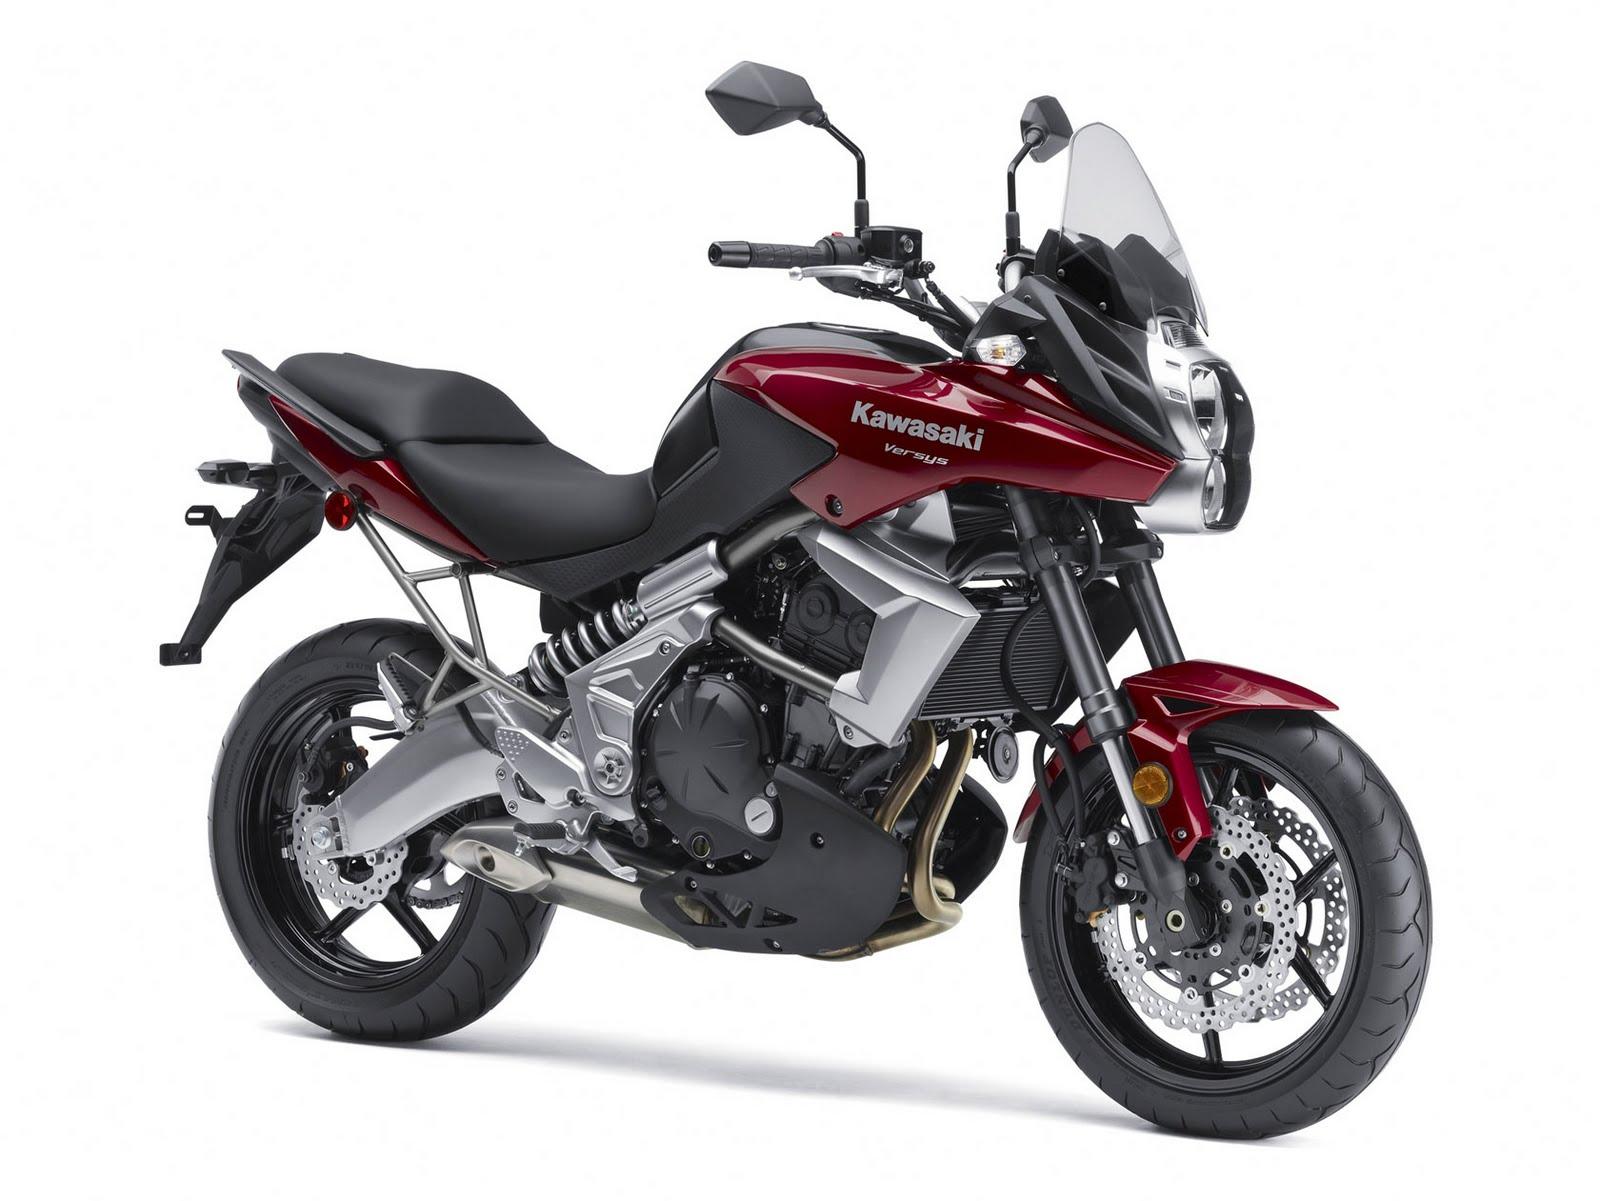 Top Motorcycle Wallpapers: 2011 Kawasaki Versys Motorcycle